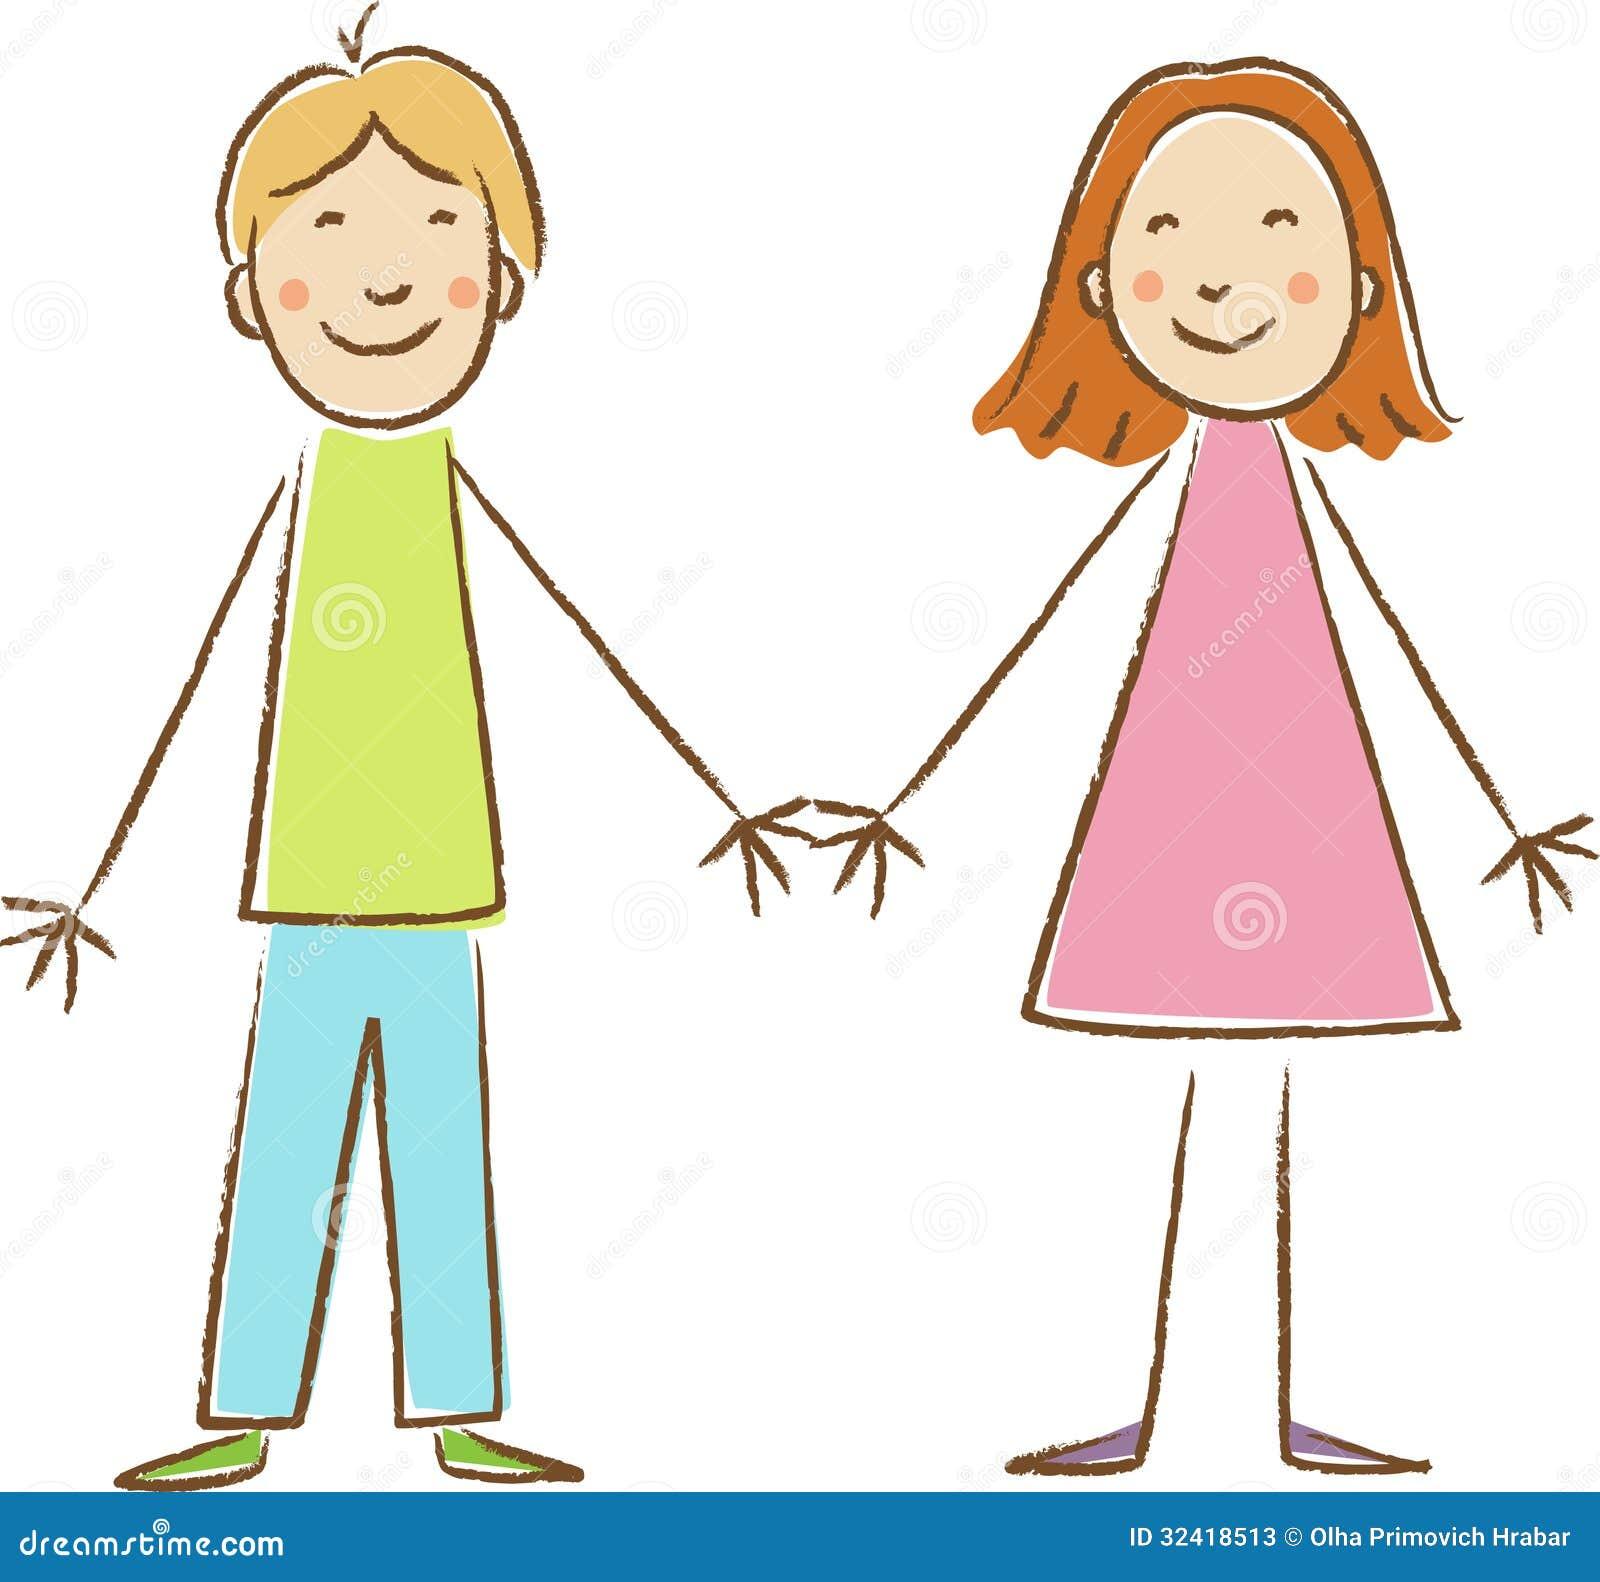 孩子画。男孩和女孩